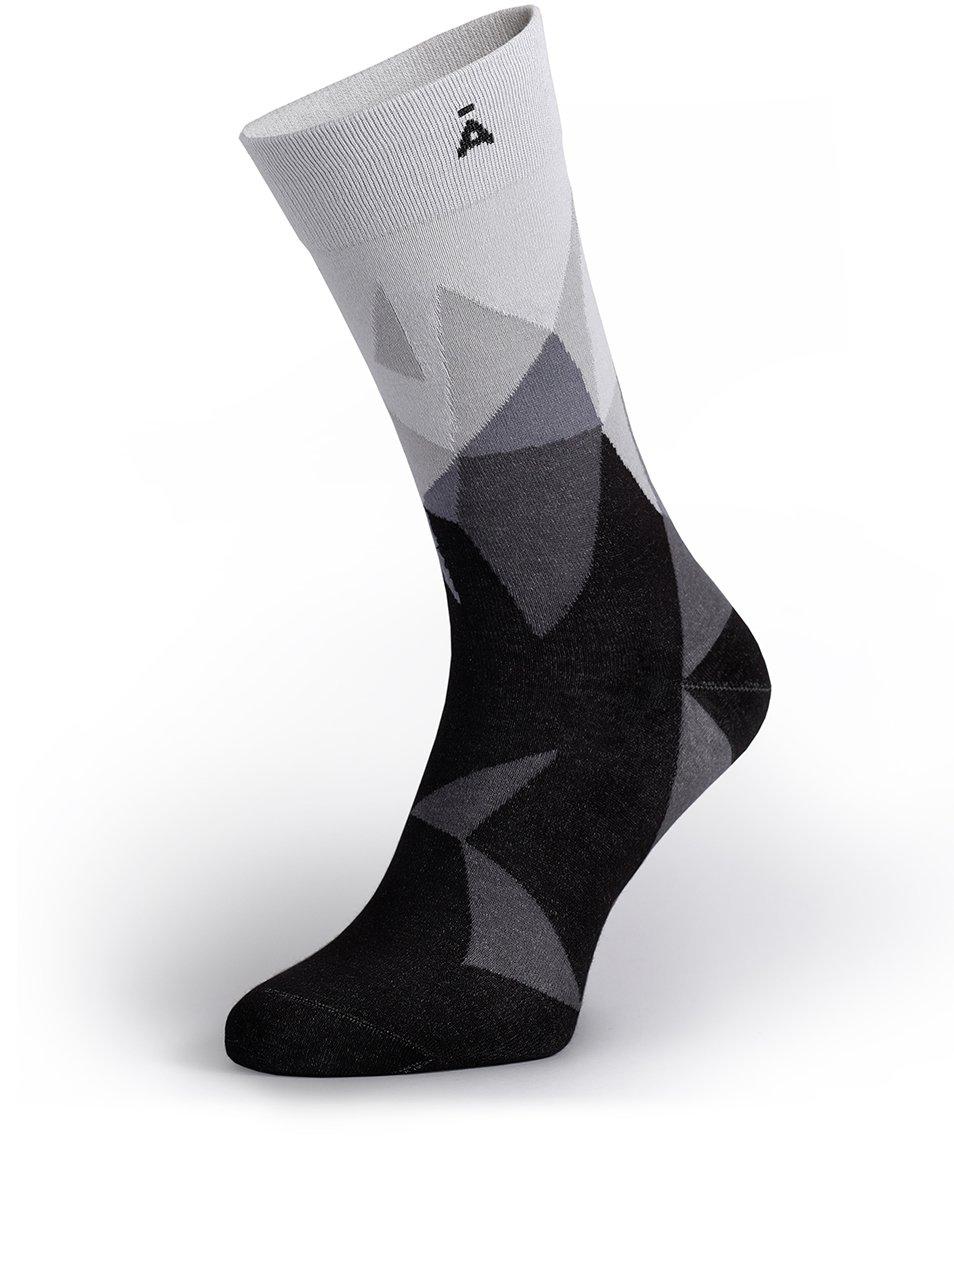 Šedo-černé vzorované unisex ponožky V páru